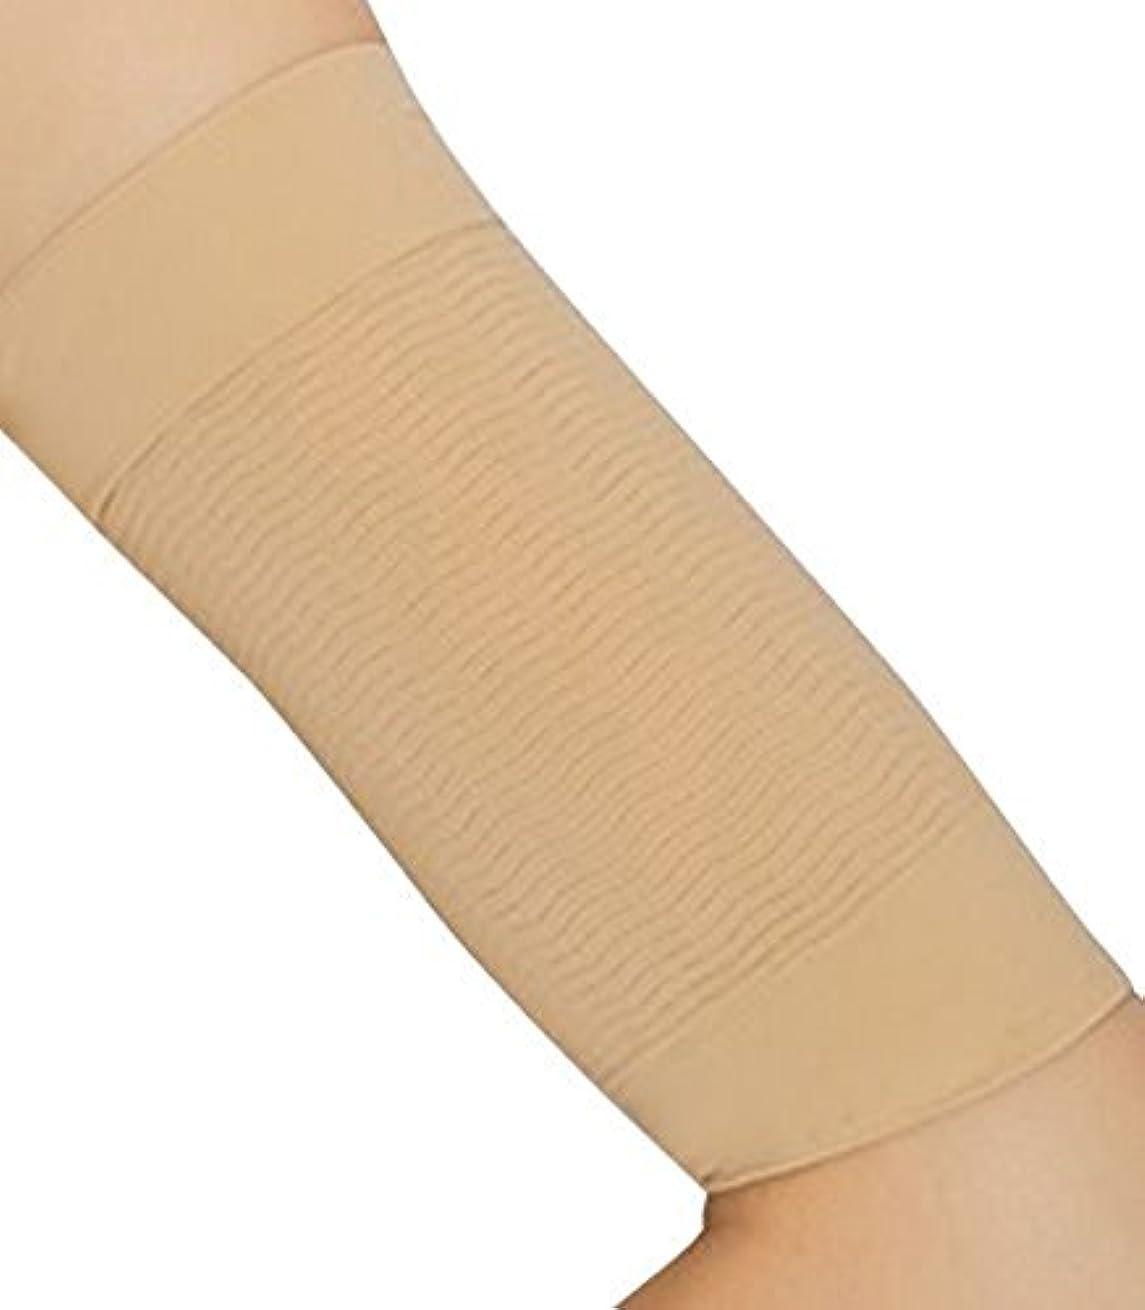 専門用語理由食い違いCREPUSCOLO 二の腕引き締め! 二の腕シェイパー 二の腕 引き締め 二の腕痩せ ダイエット 二の腕ダイエット インナー シェイプアップ 脂肪燃焼 セルライト 加圧下着 (ベージュ)